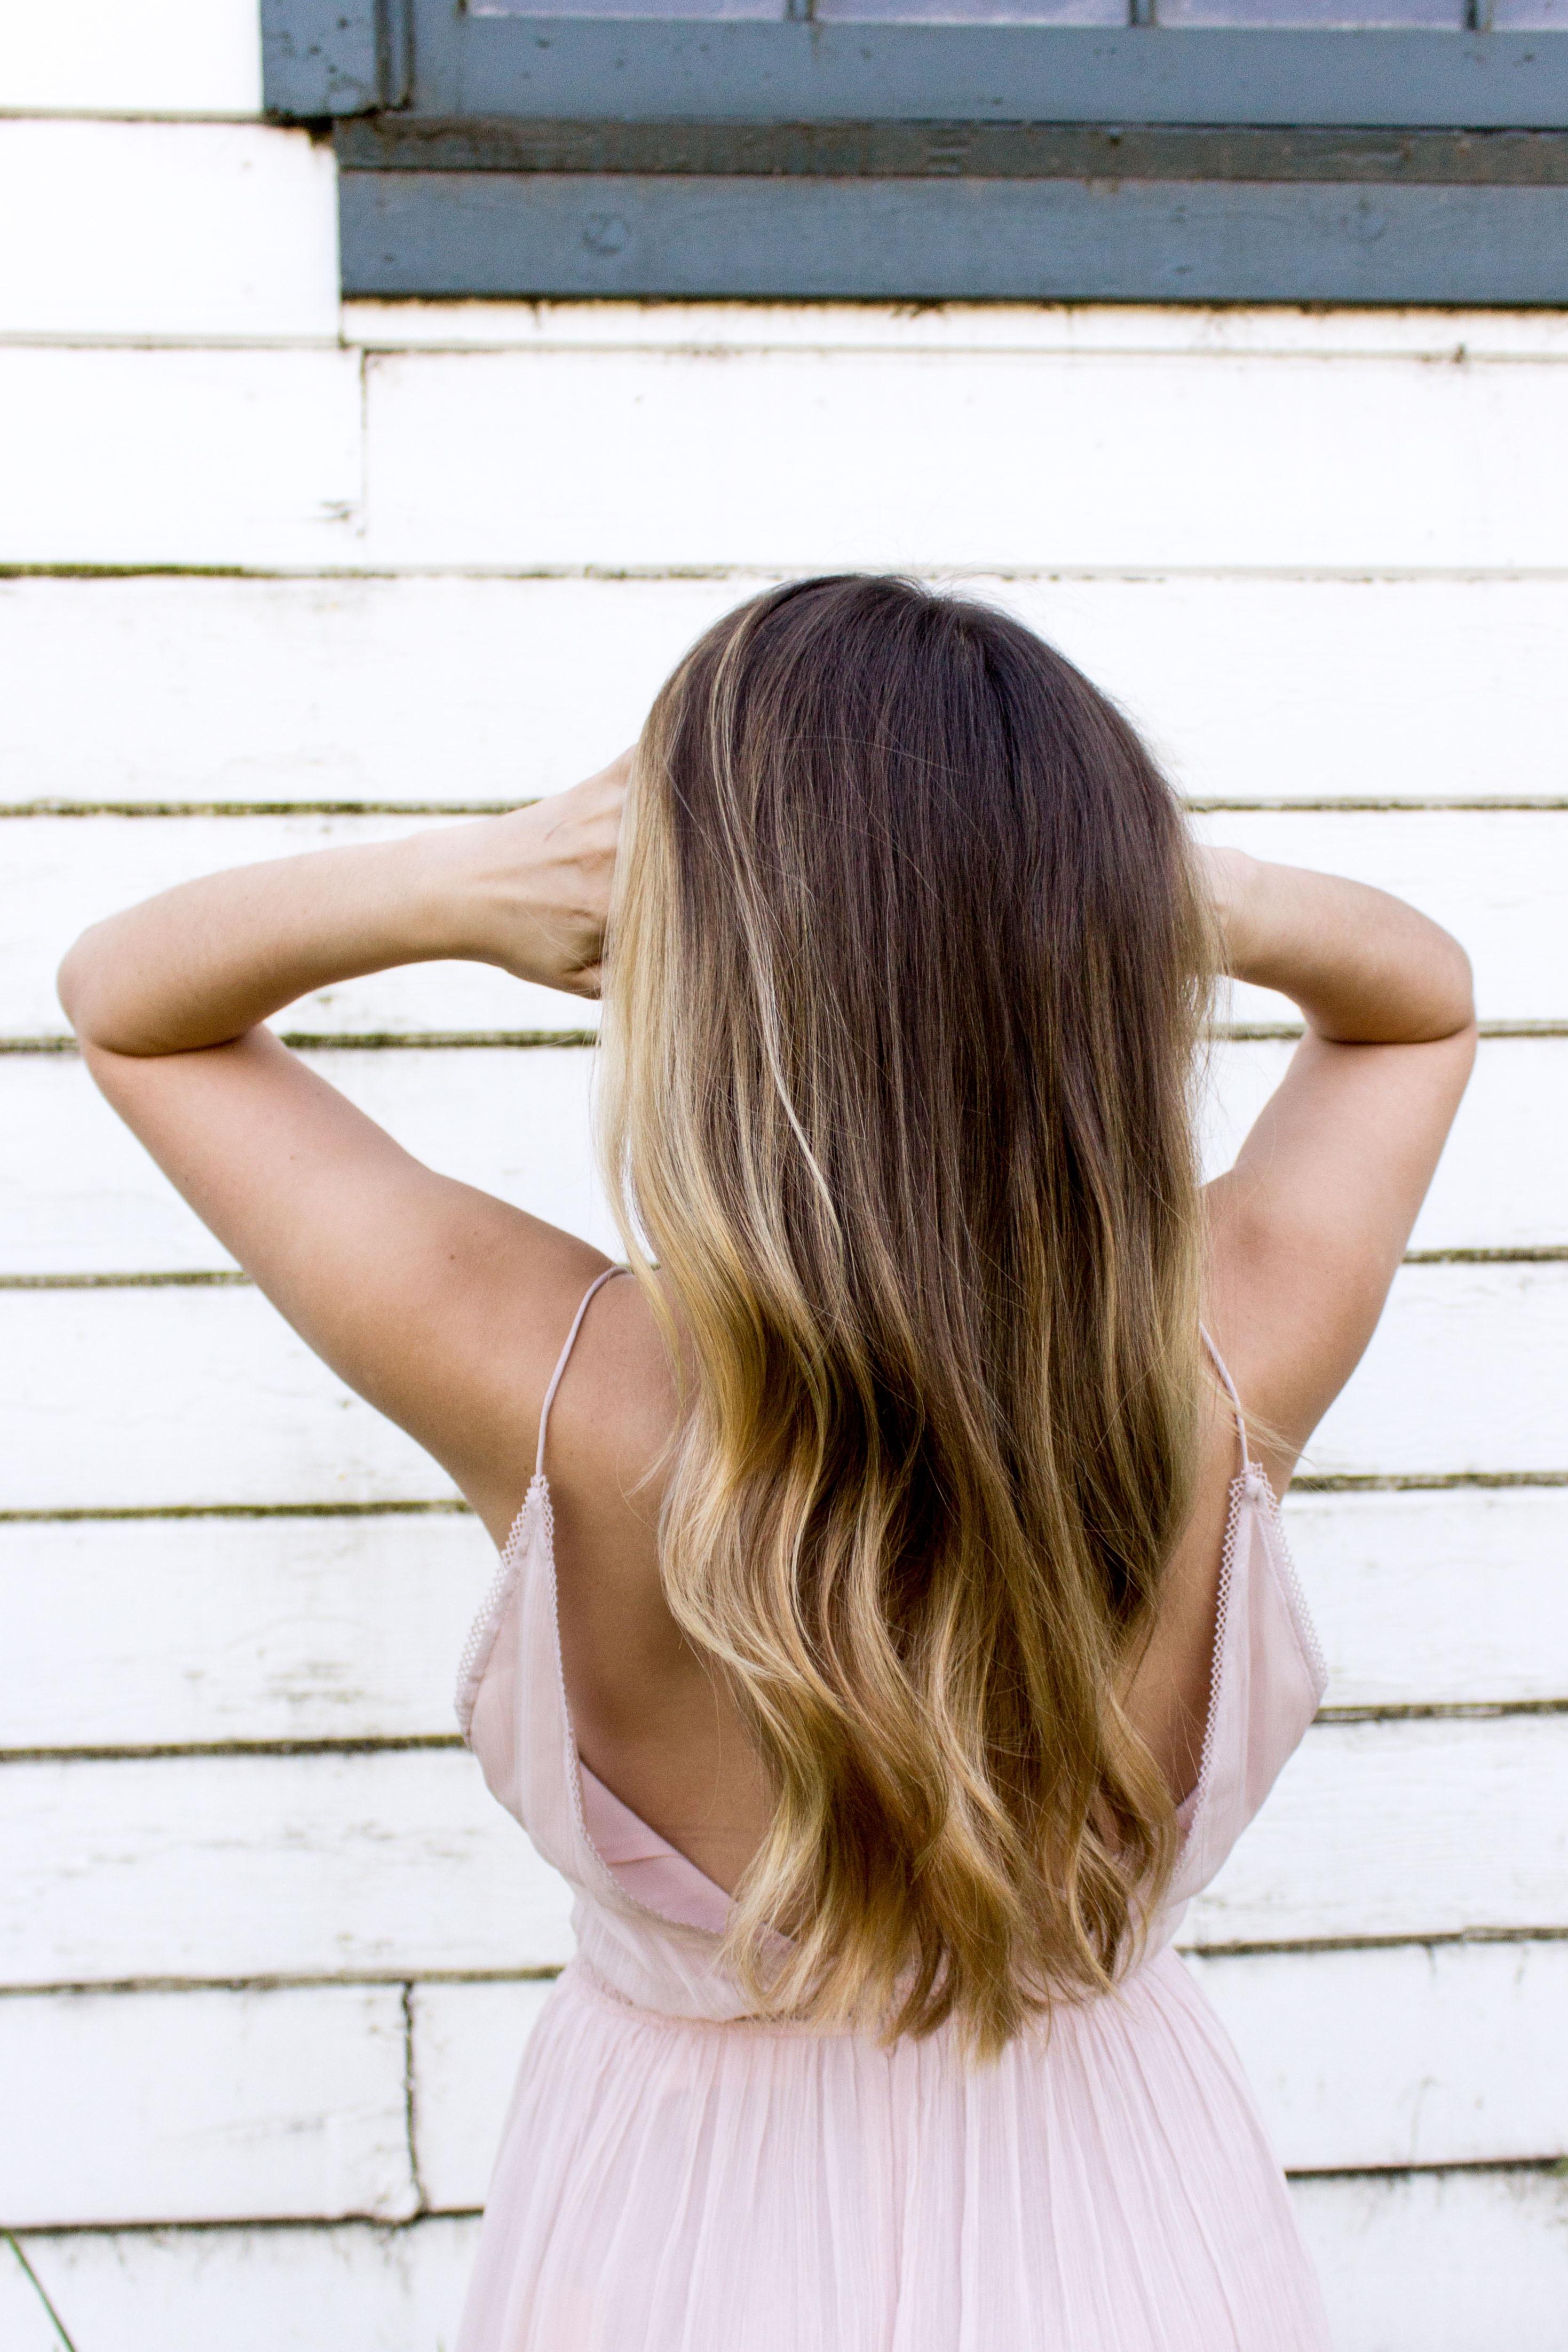 Zastanawiasz się nad przedłużaniem włosów? Oto najczęściej wybierane metody